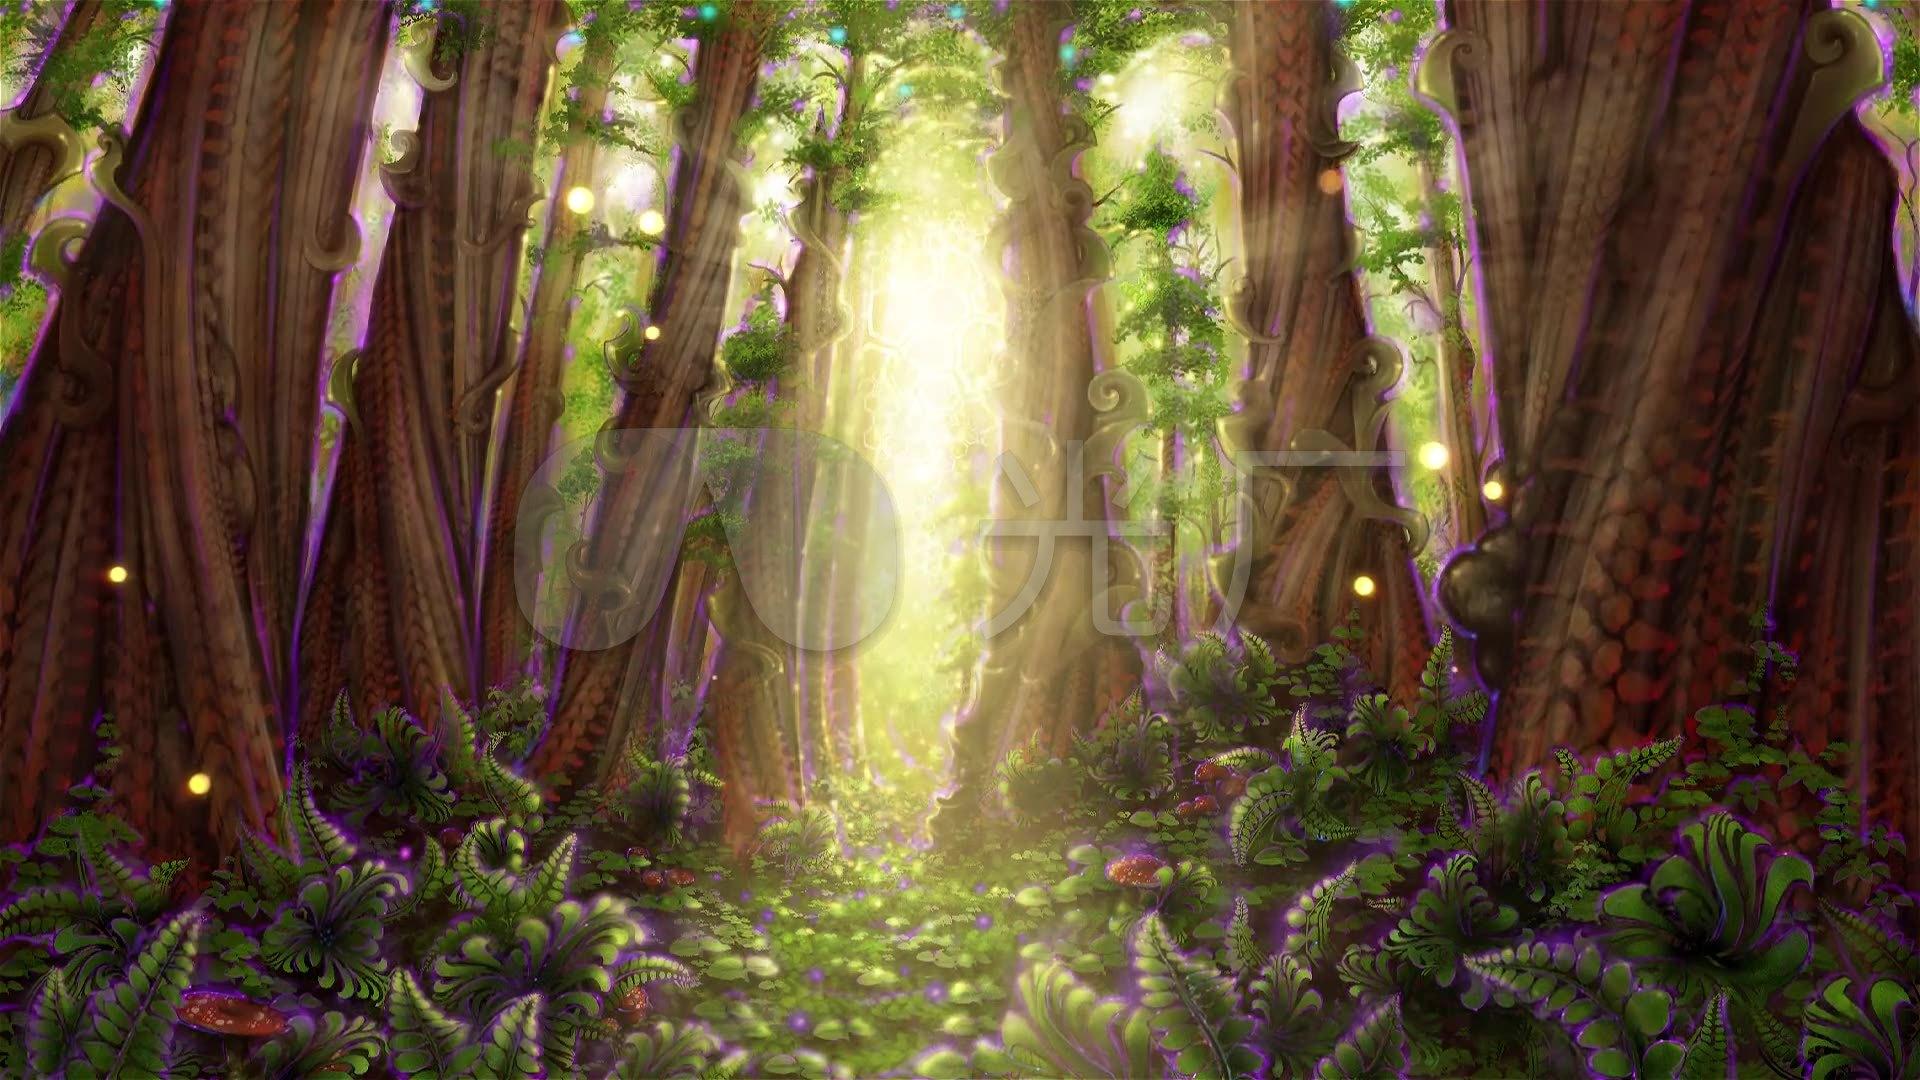 奇幻森林舞台led背景素材图片